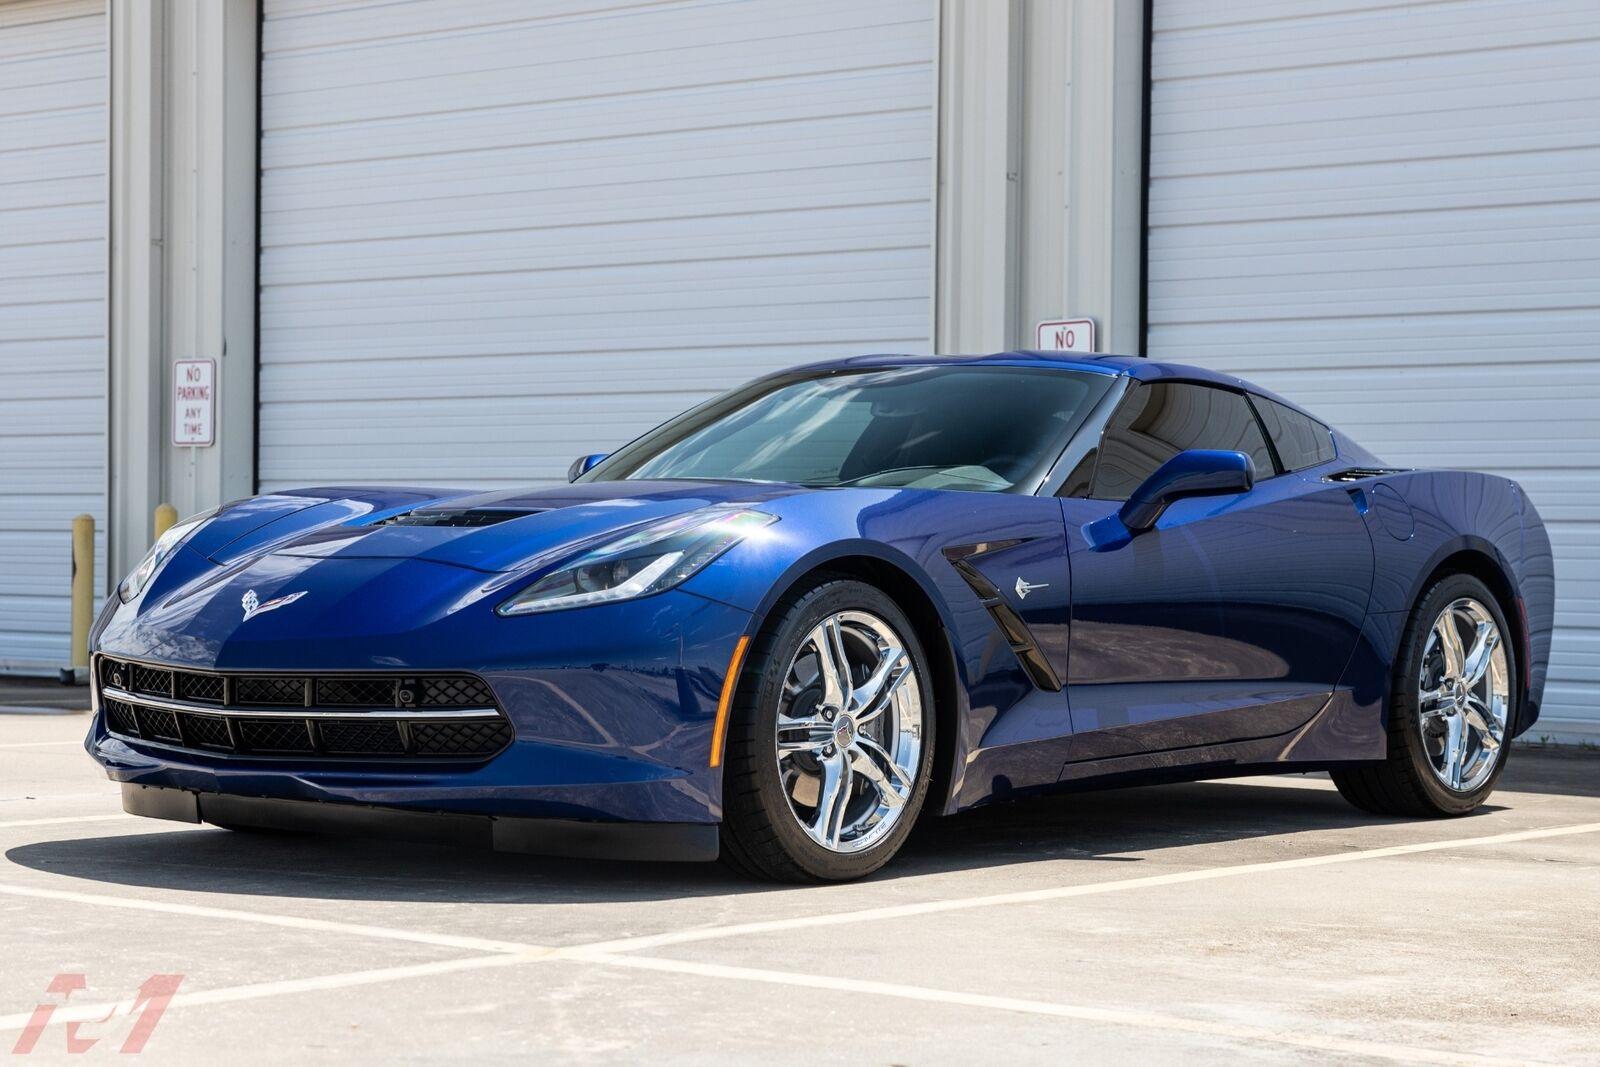 2017 Blue Chevrolet Corvette  2LT | C7 Corvette Photo 8